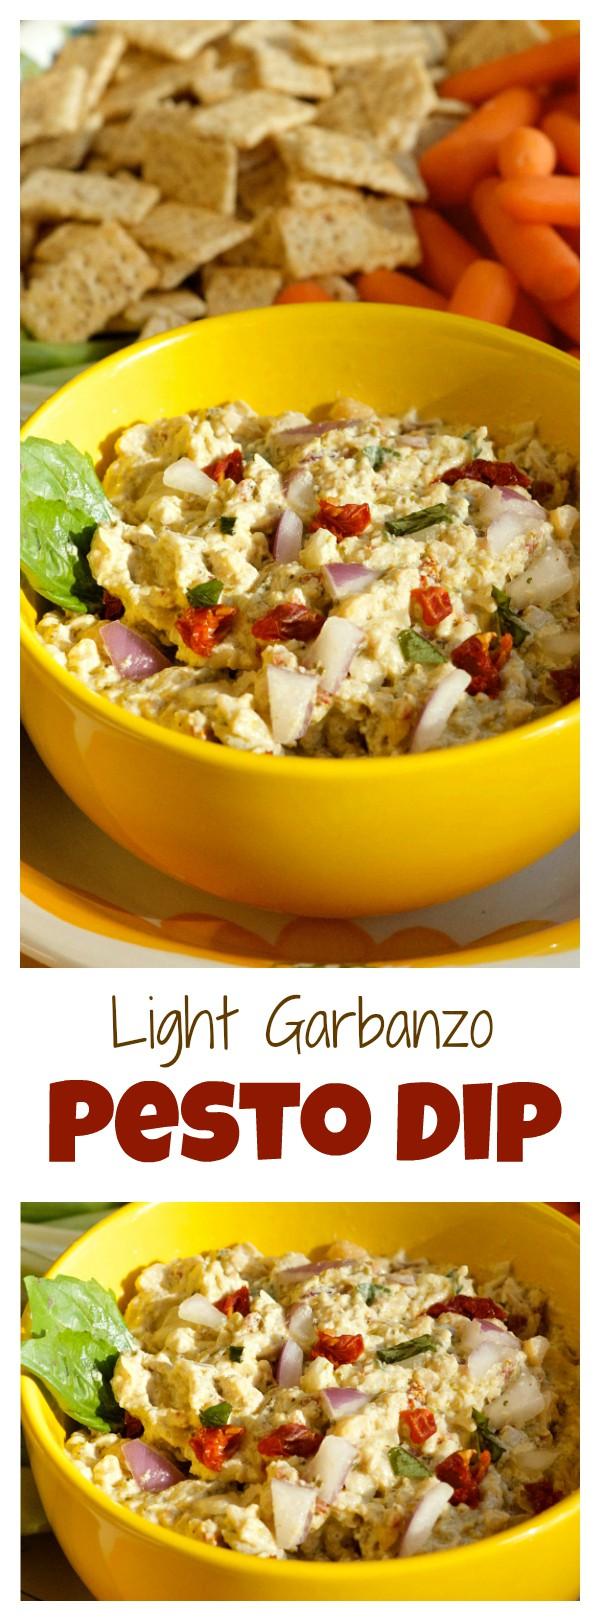 Light Garbanzo Pesto Dip